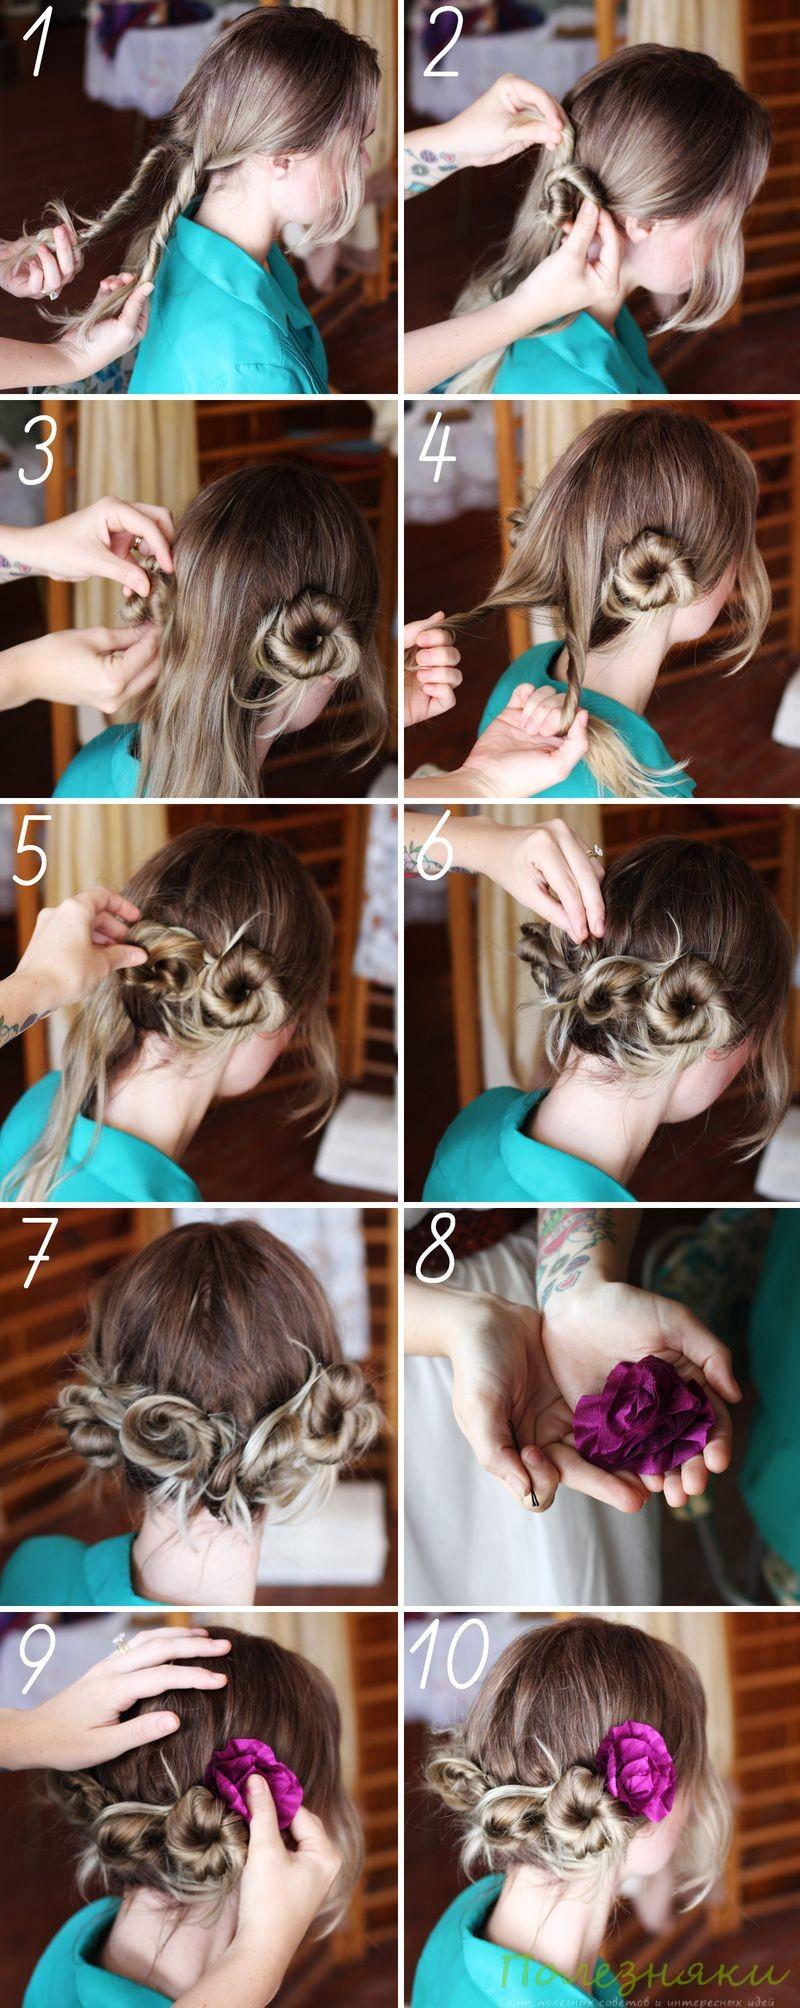 Как сделать летнюю прическу пошаговая инструкция